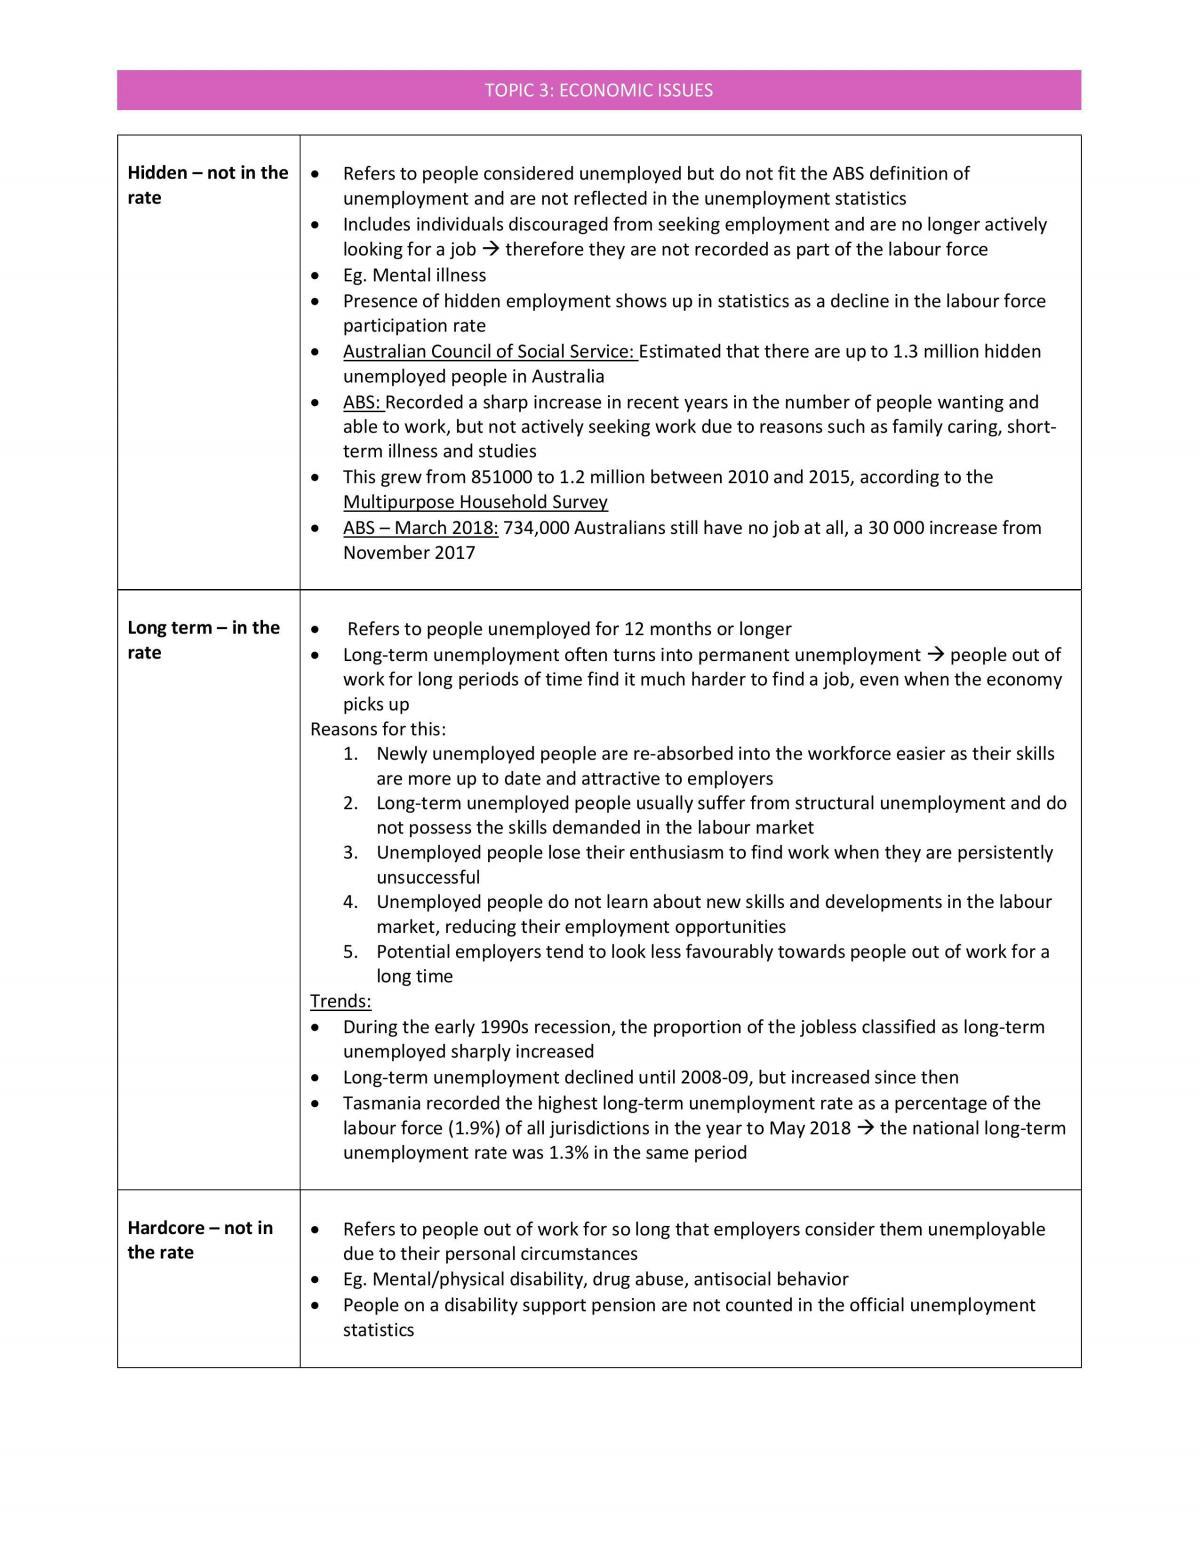 Economic Issues Economics HSC - Page 19